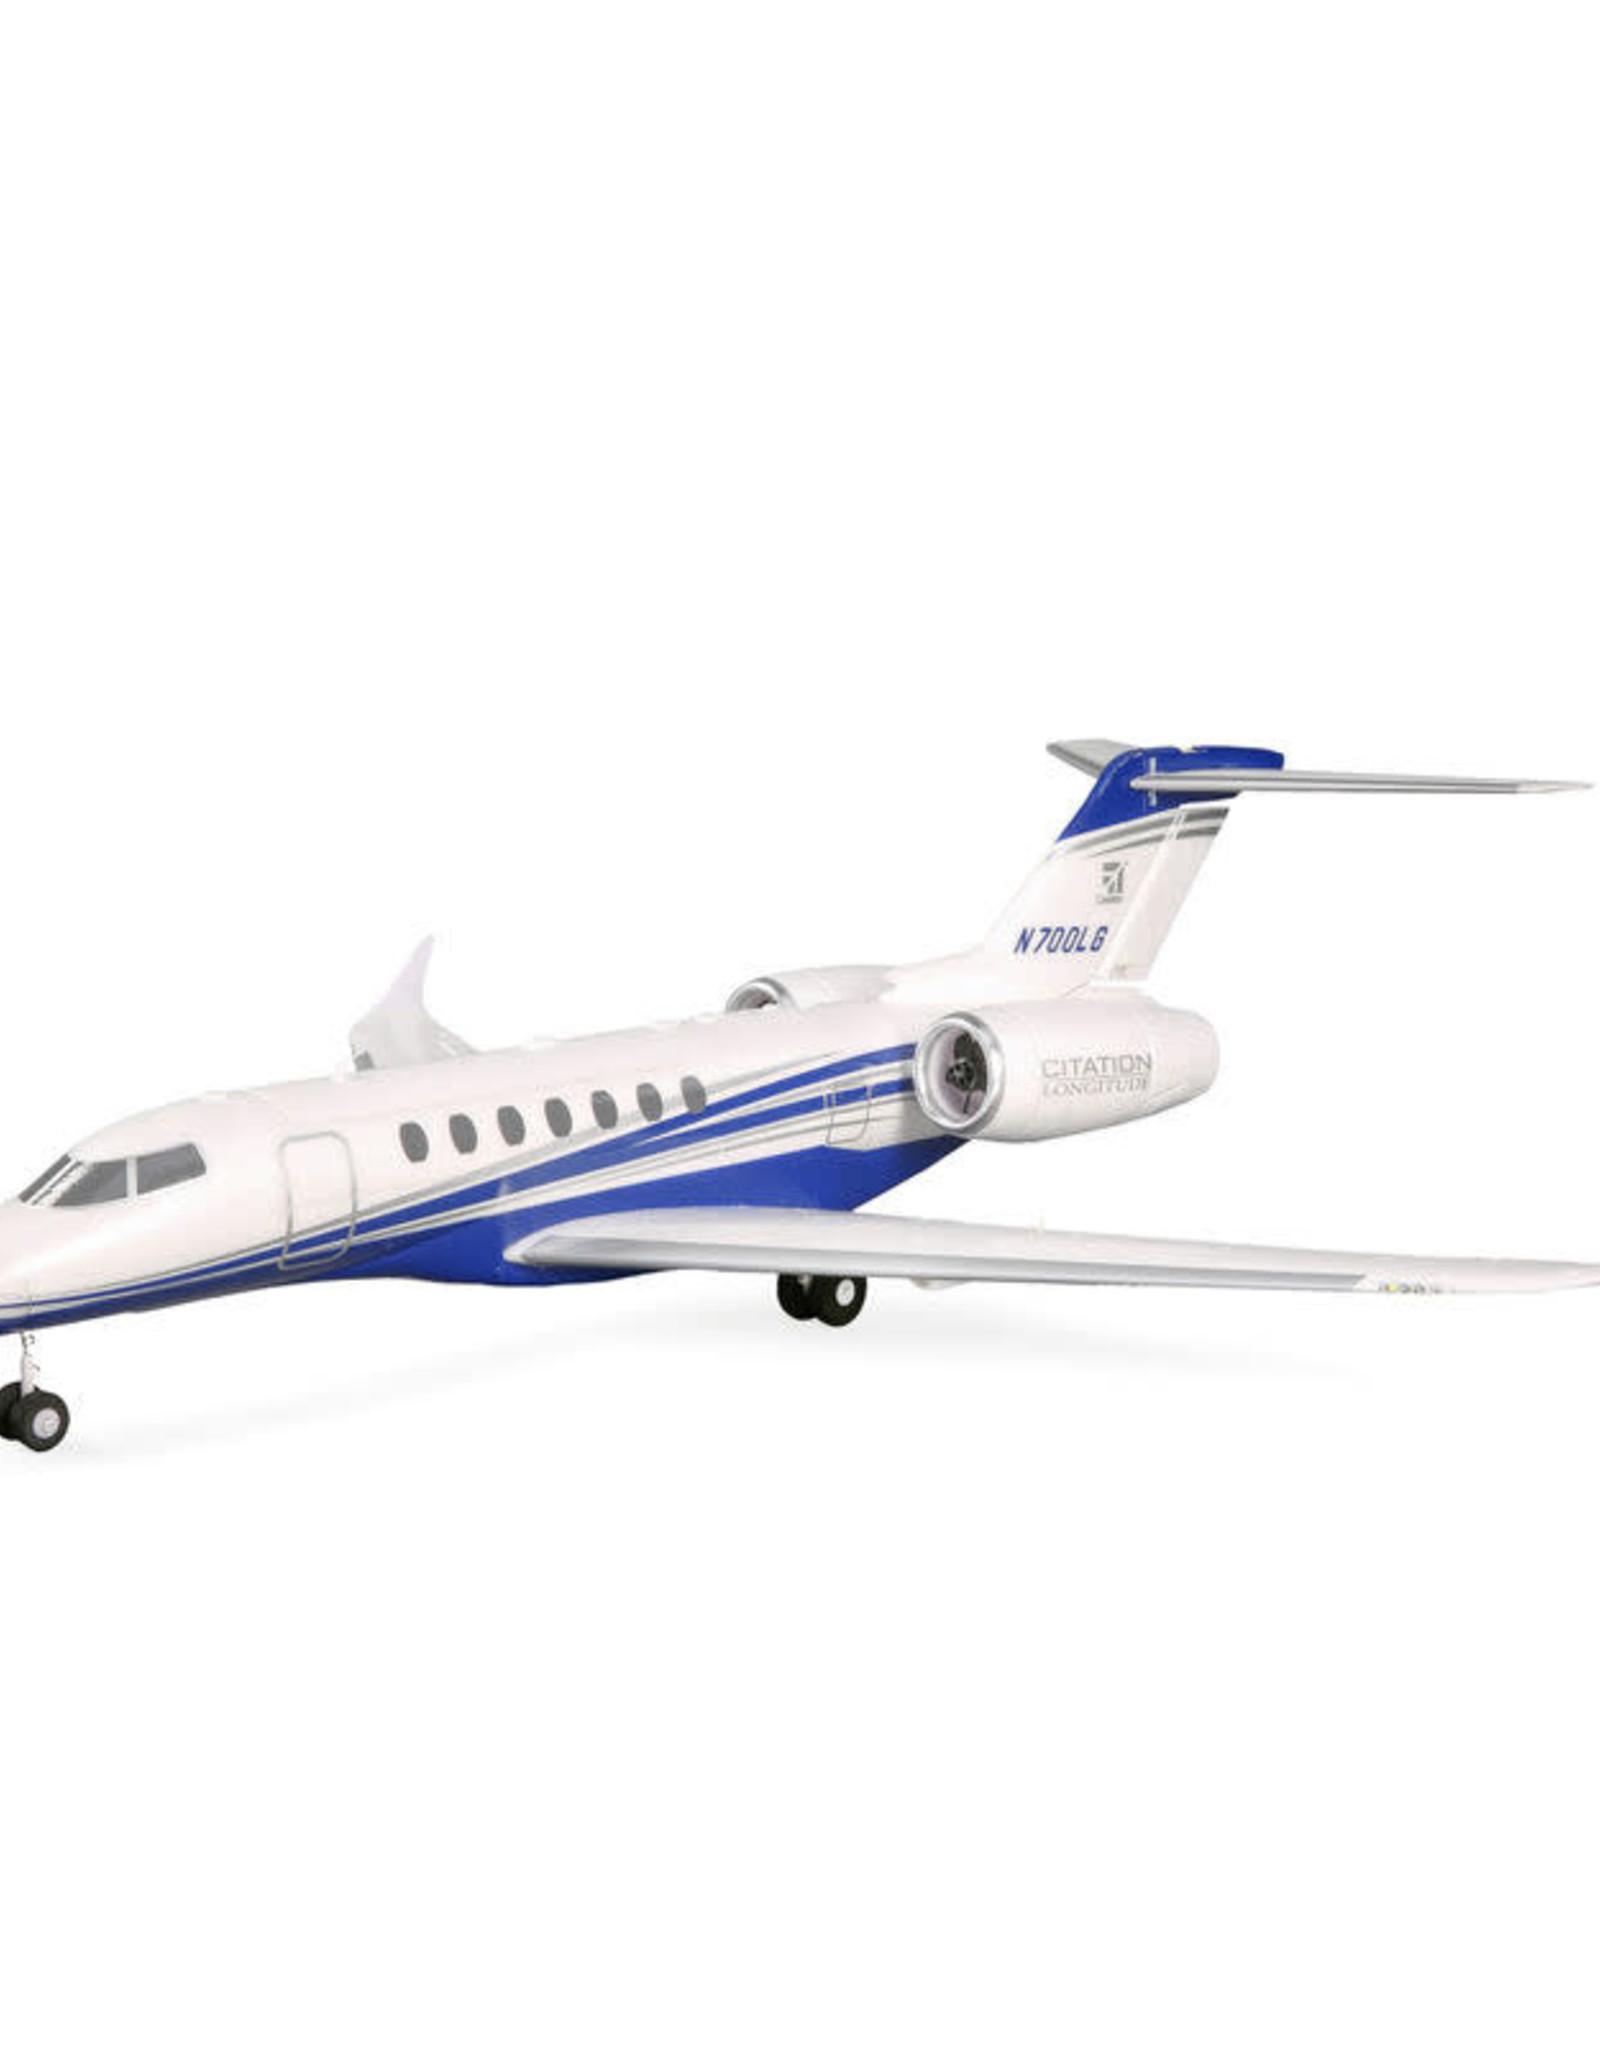 EFL EFLU6350 UMX Citation Longitude Twin 30mm EDF BNF Basic with SAFE Select